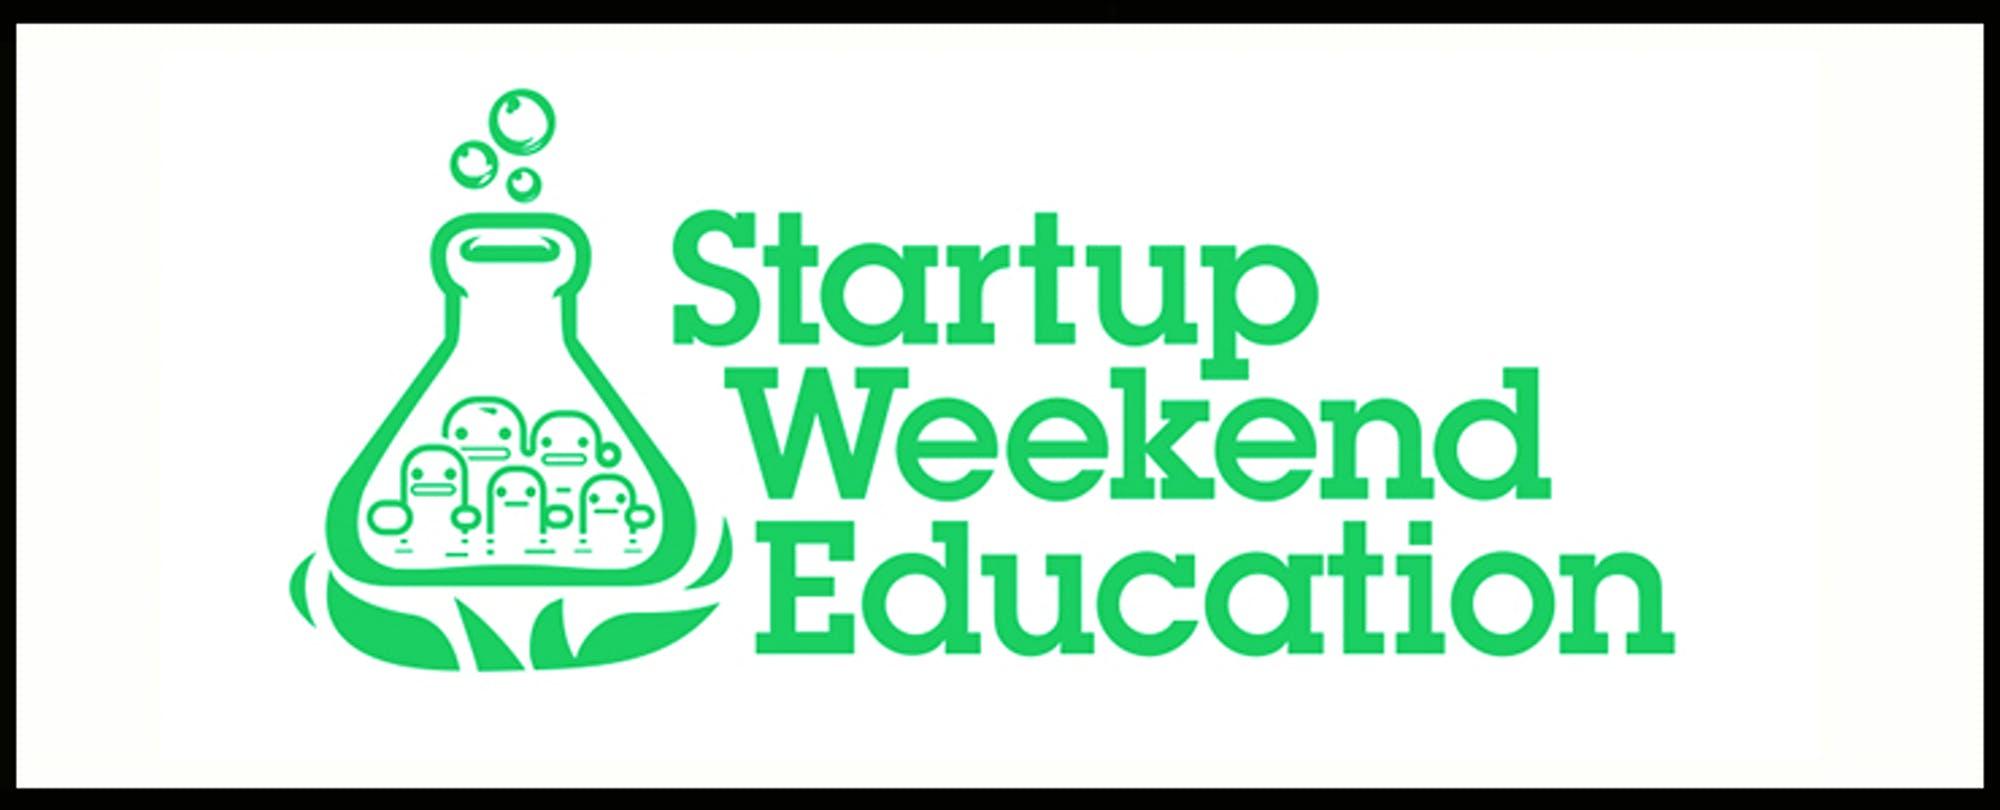 Re-booting Startup Weekend EDU